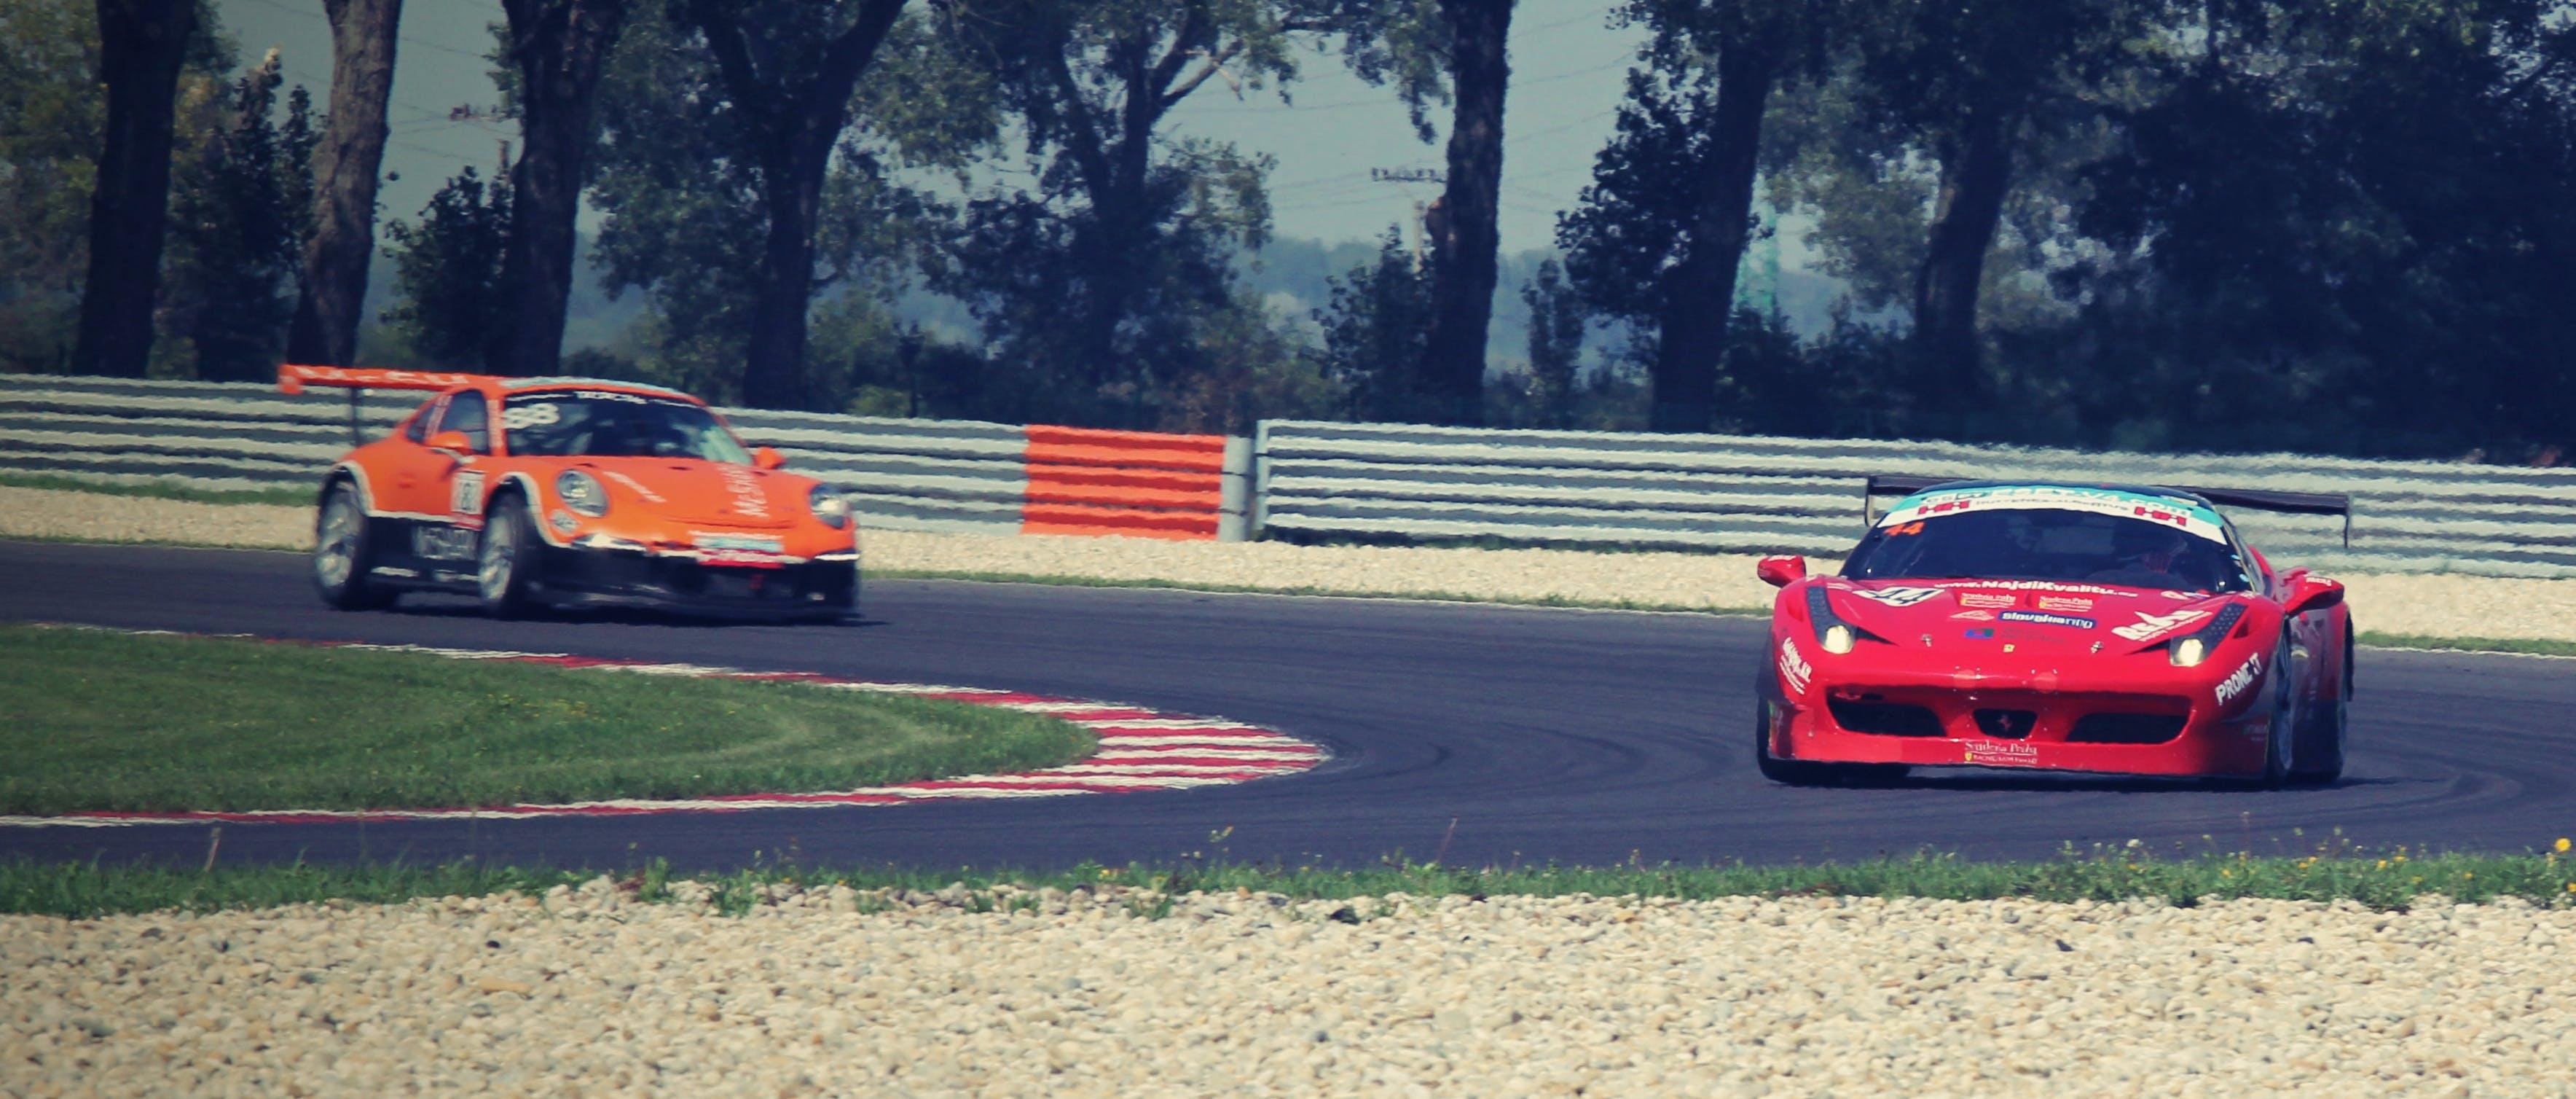 Free stock photo of porsche, race, motor sport, Ferrari 458 Italia